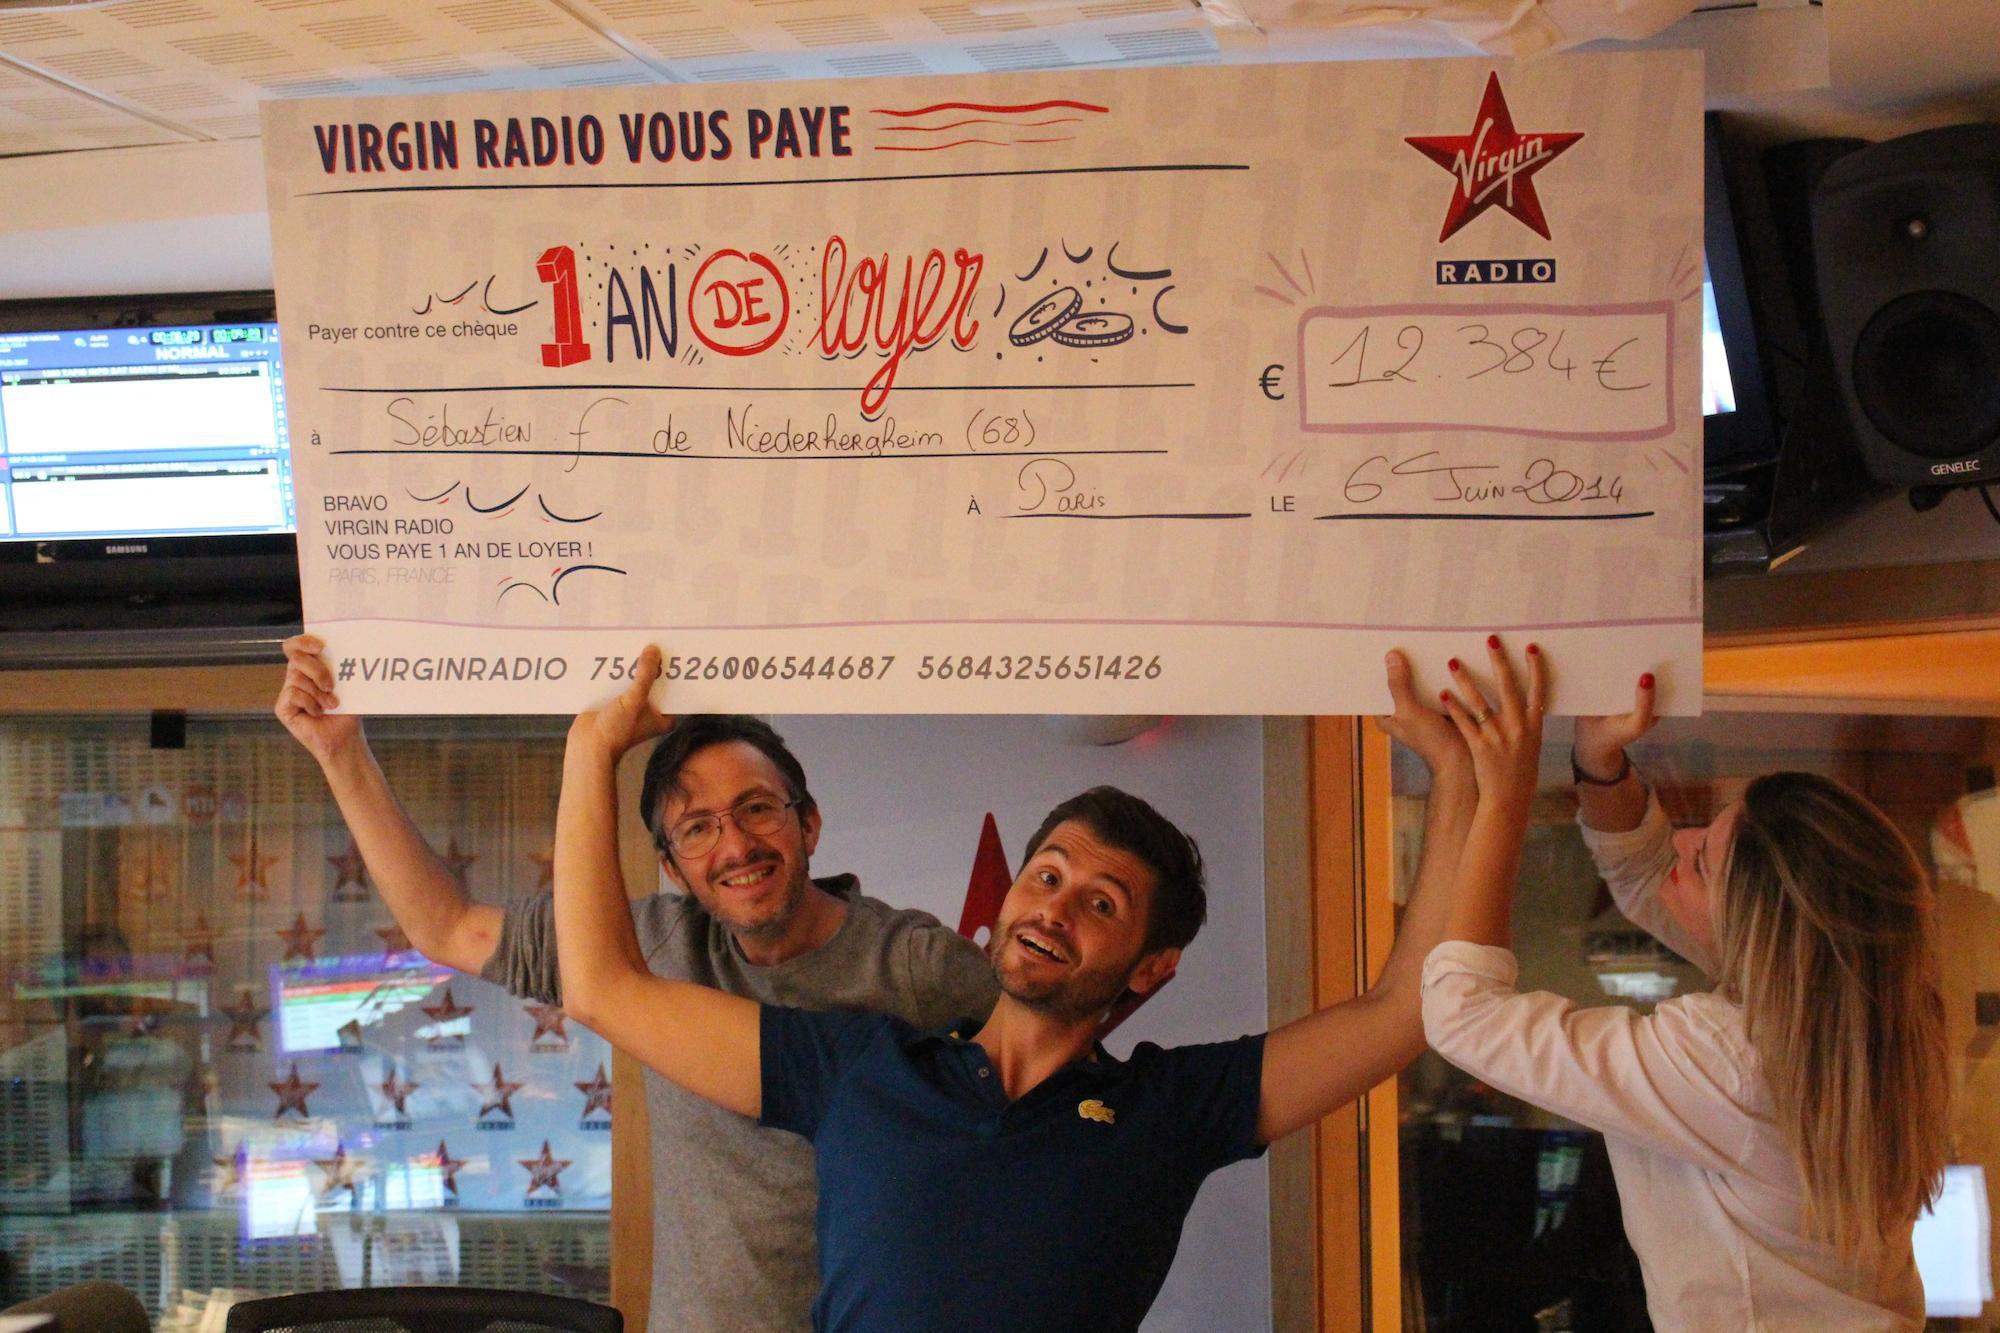 Plus de 12 000 € pour Sébastien de Niederhergheim